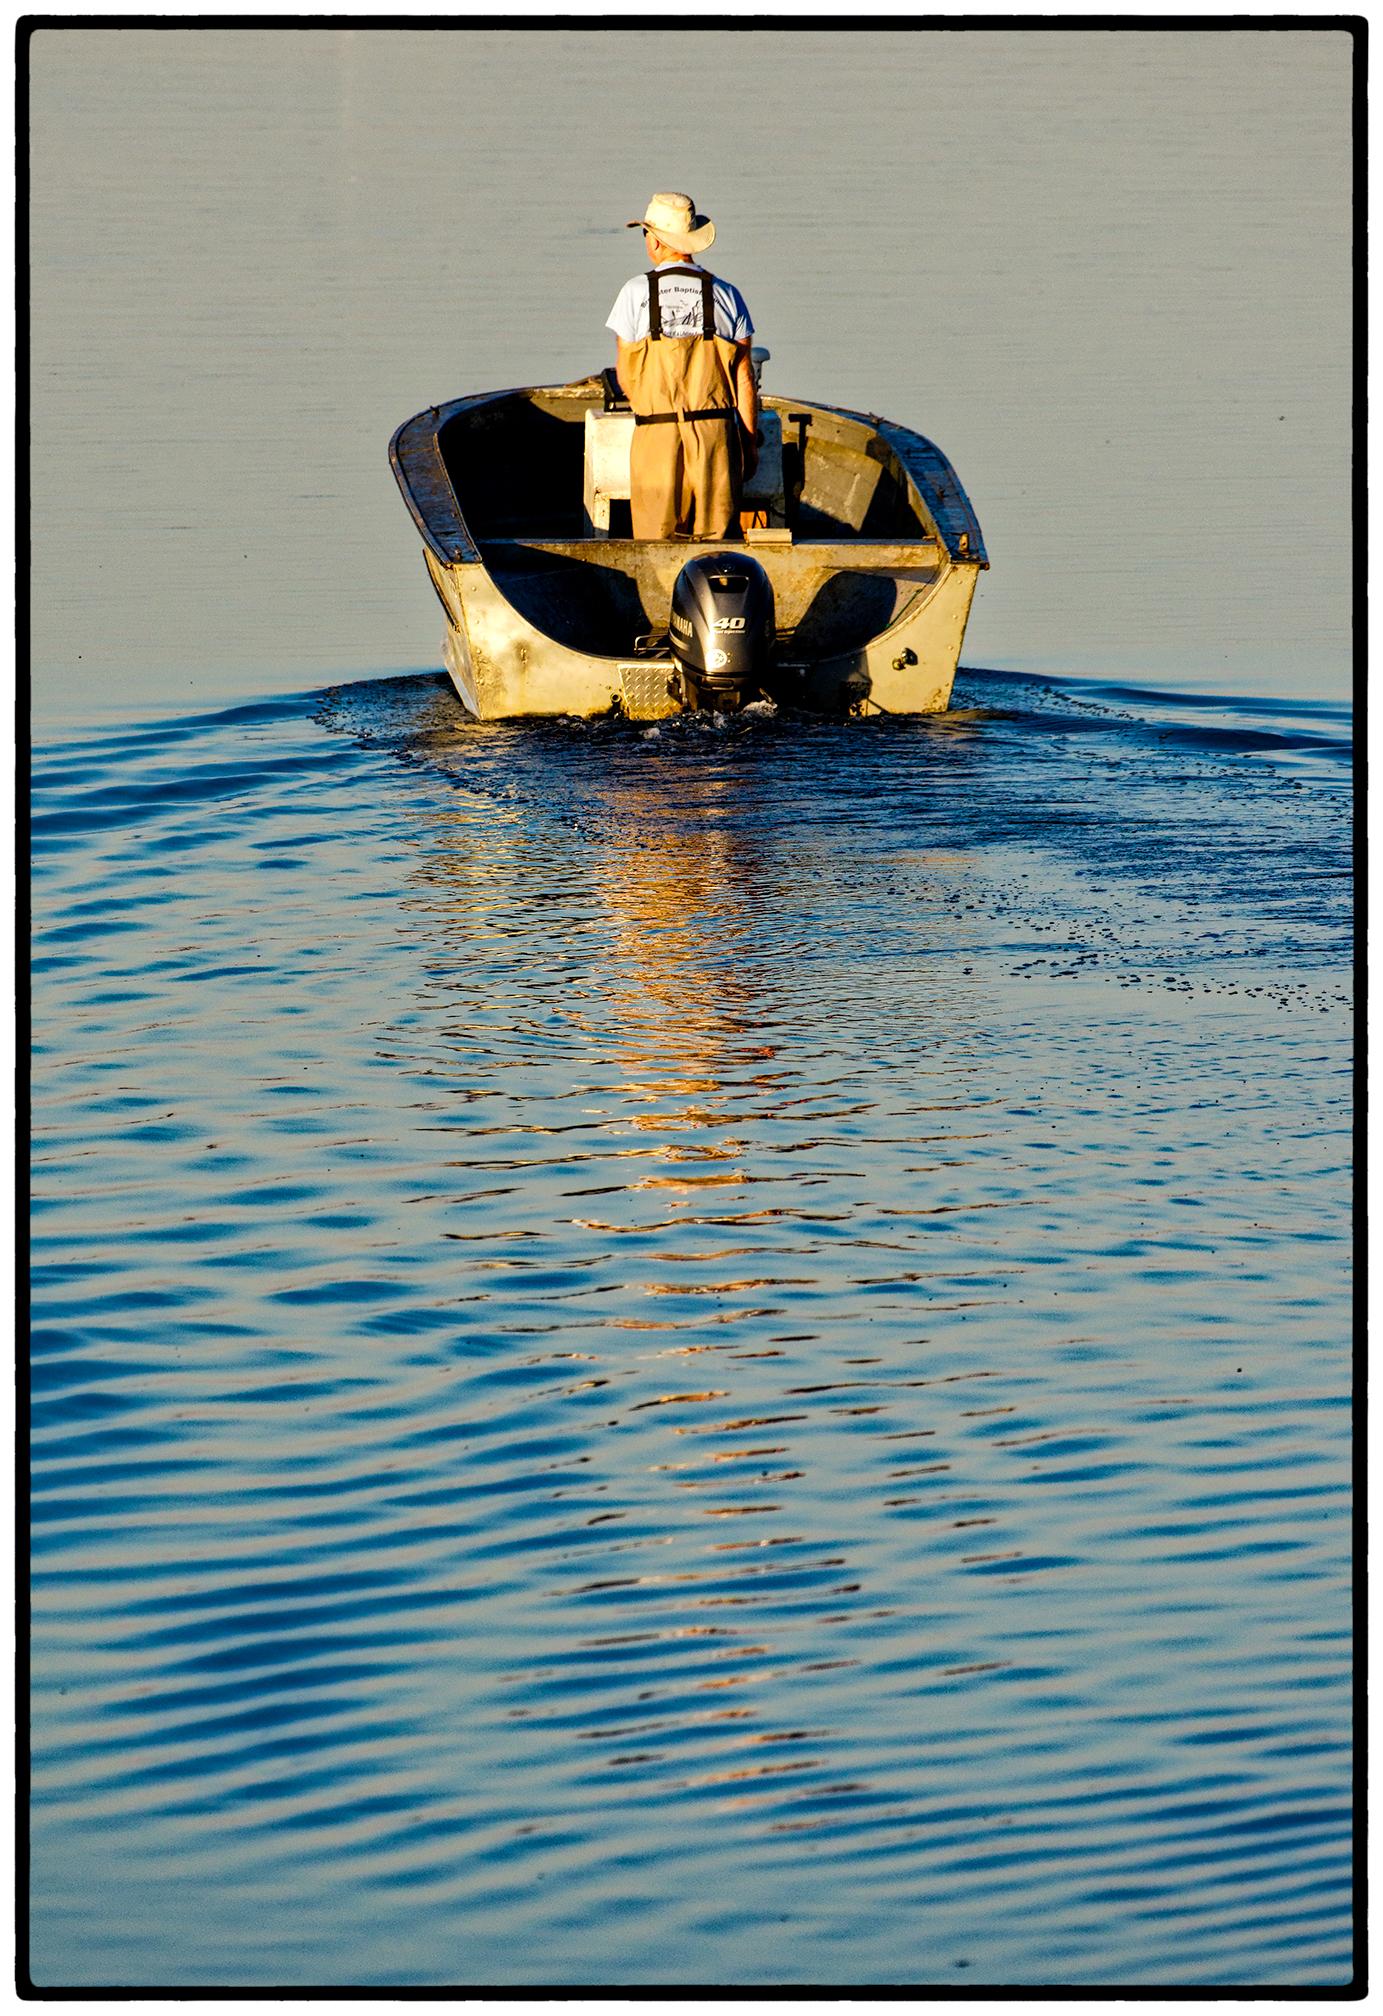 Fisherman, Wellfleet